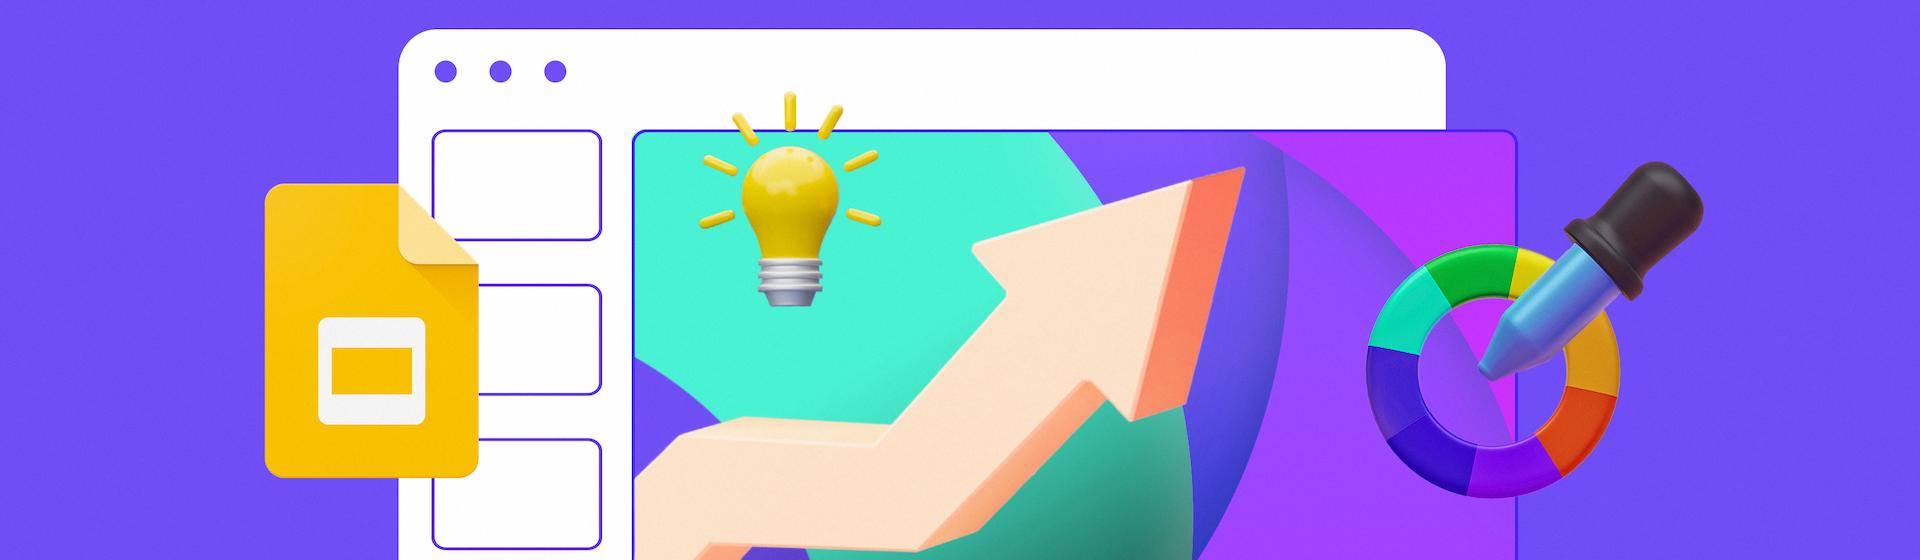 ¿Cómo usar Google Slides?: 10 sencillos pasos